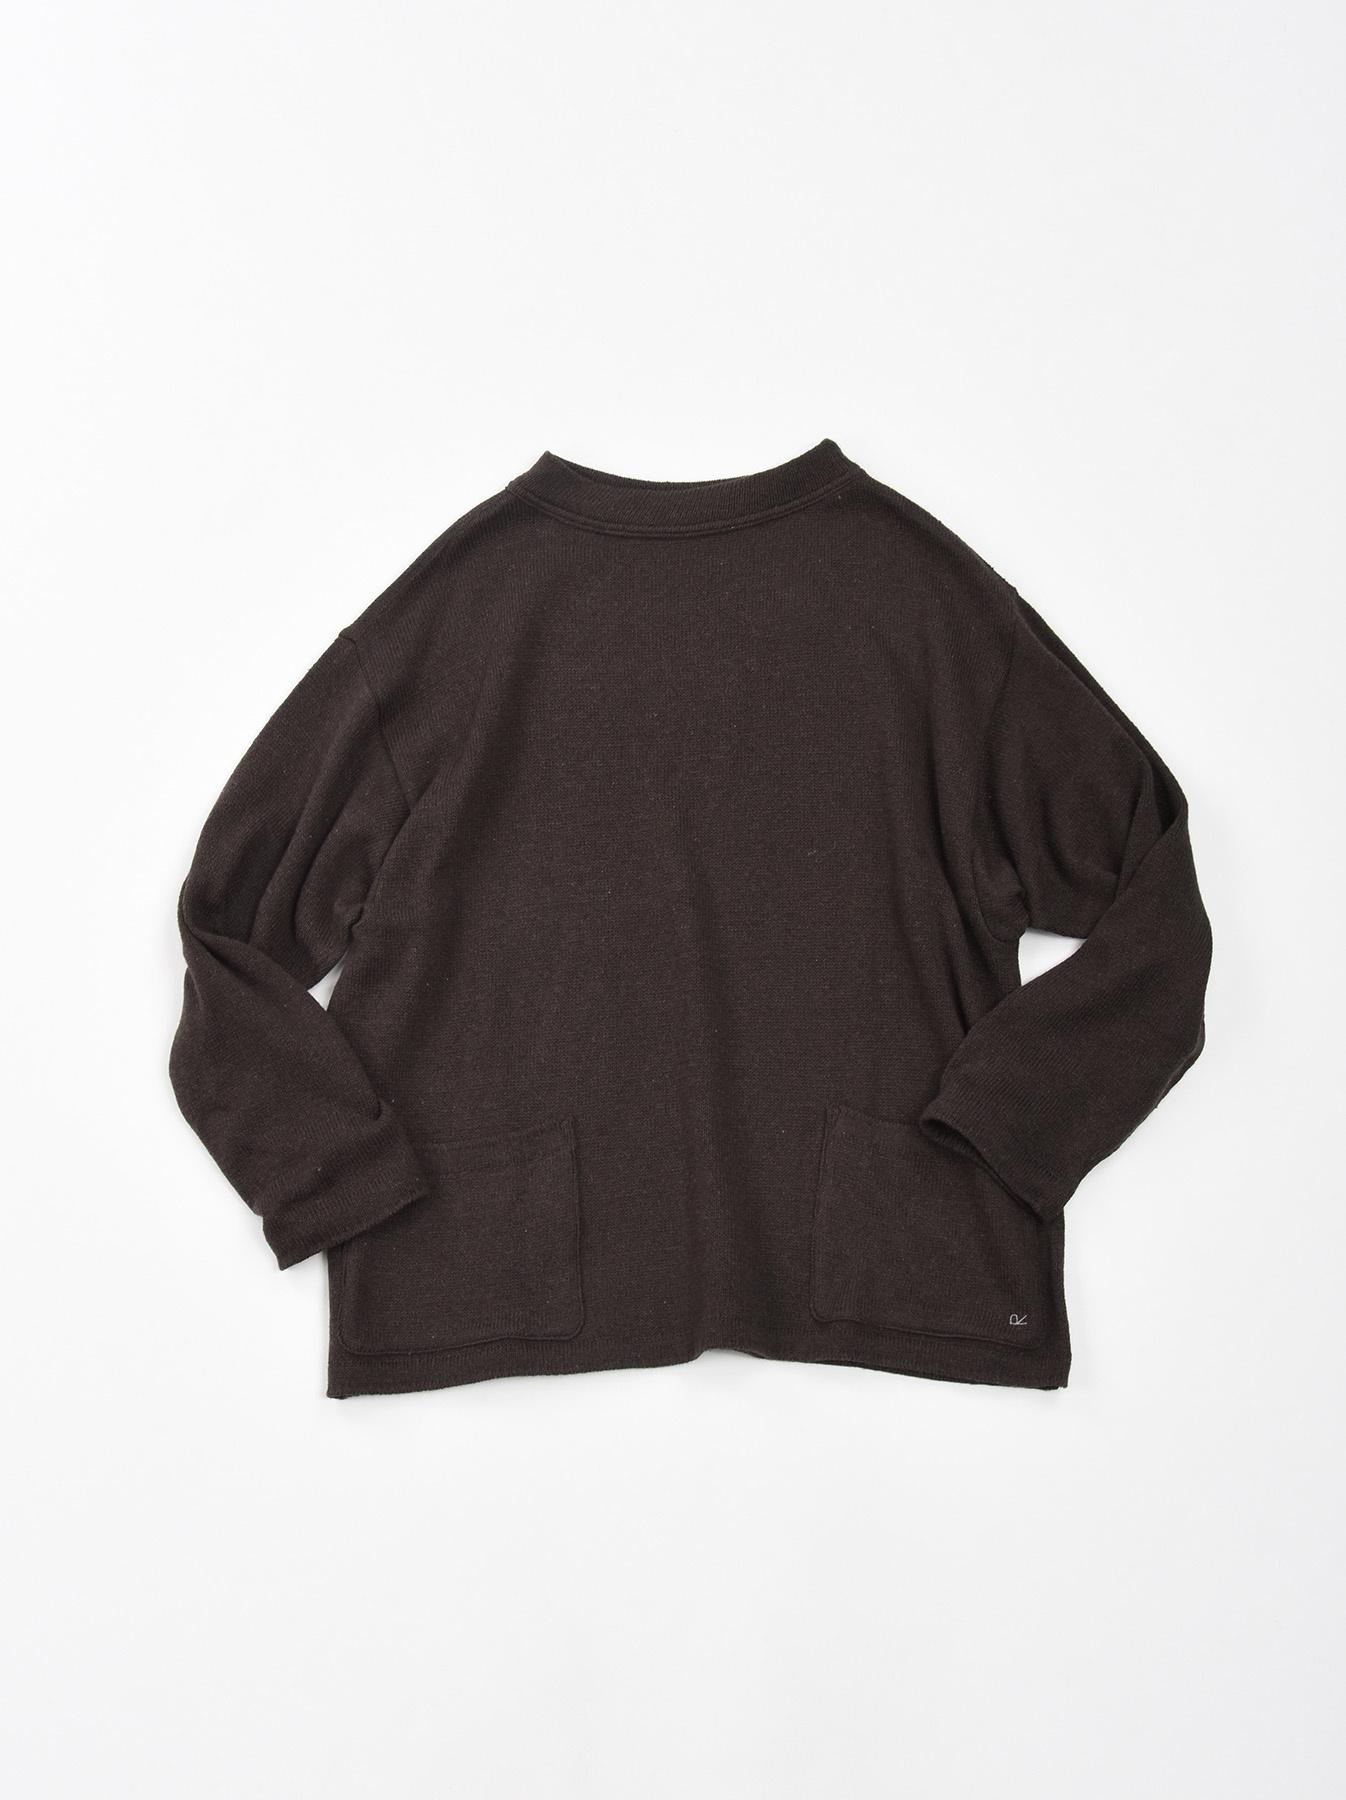 Zimbabwe Cotton Knit-sew 908 Uma Sweater-7